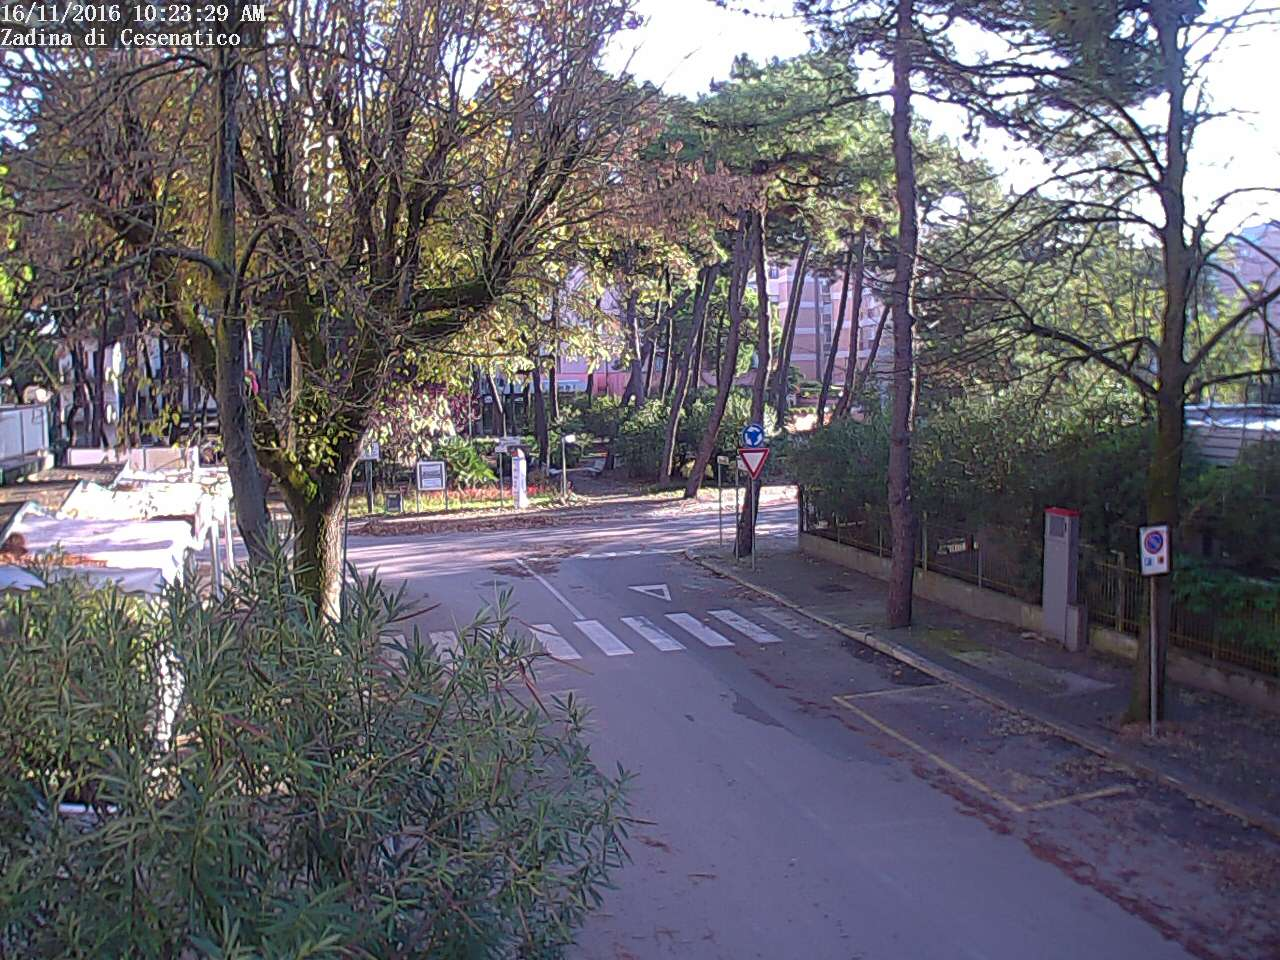 Zadina di cesenatico viale dei pini piazza kennedy - Cesenatico bagno milano ...